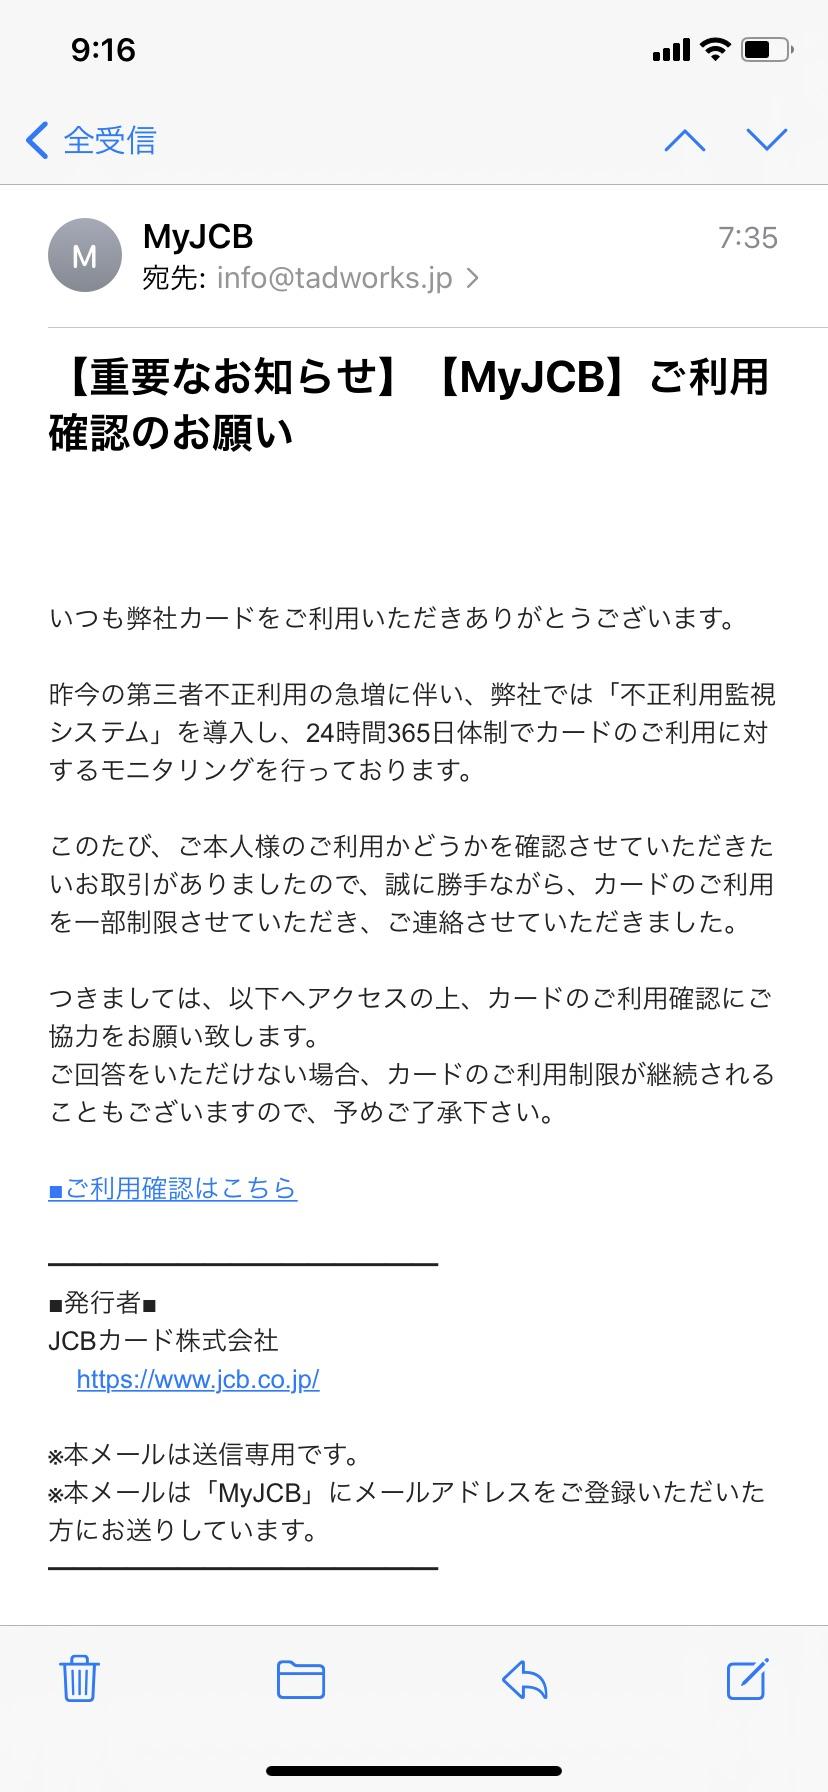 Jcb まい JCBを名乗る怪しいメール・SMSが届きました。